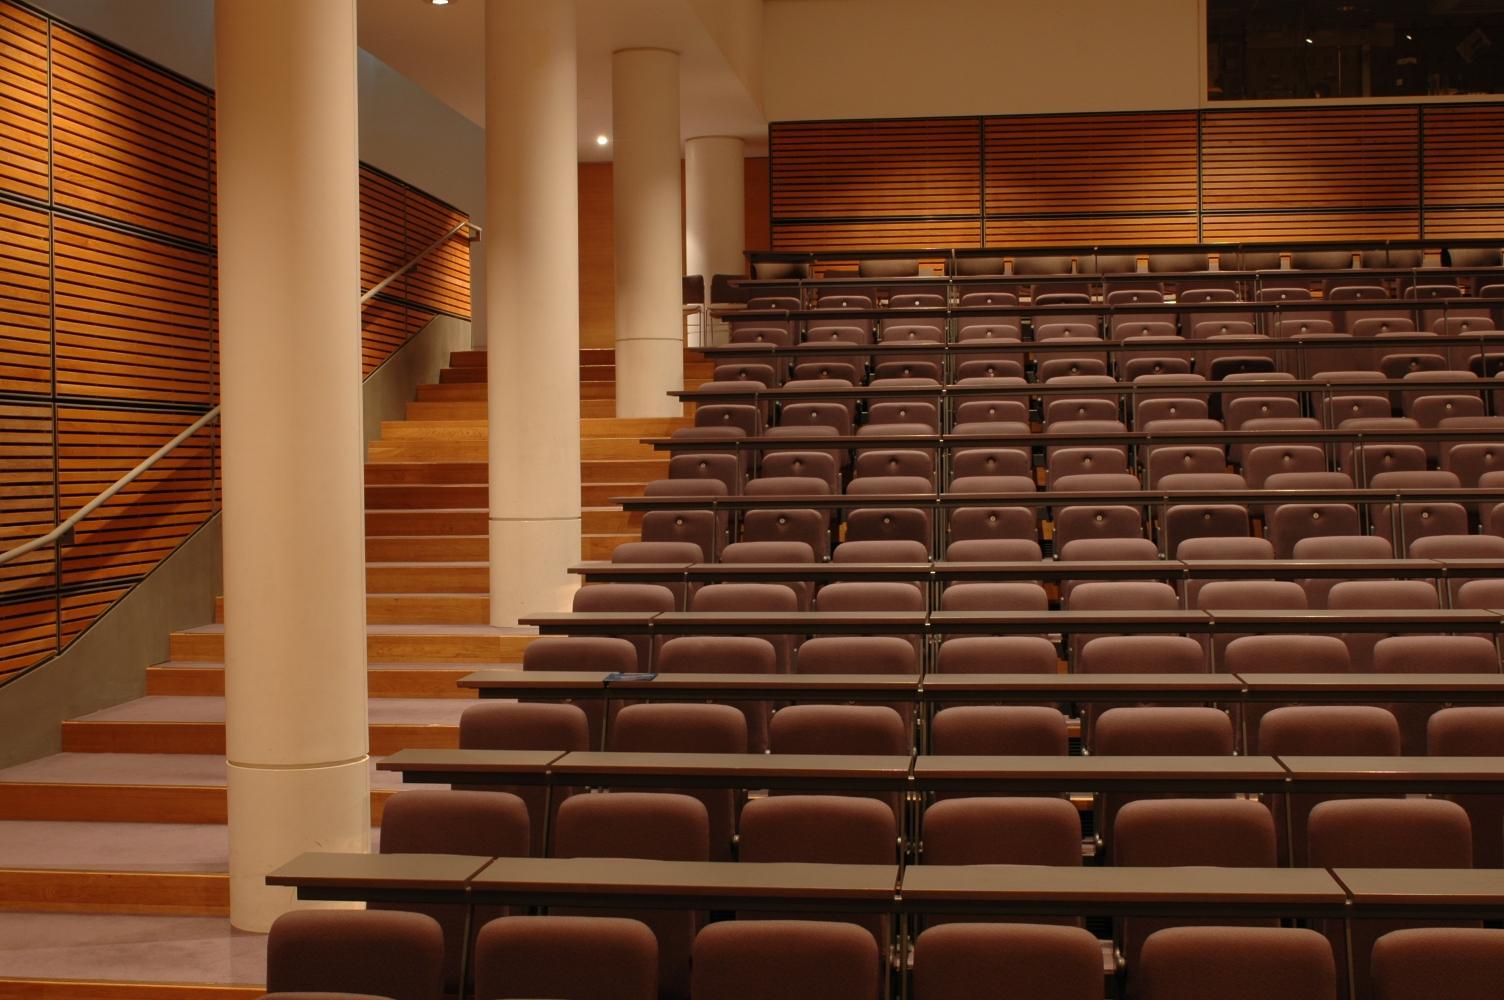 File:Nelson Mandela Lecture Theatre.jpg - Wikipedia